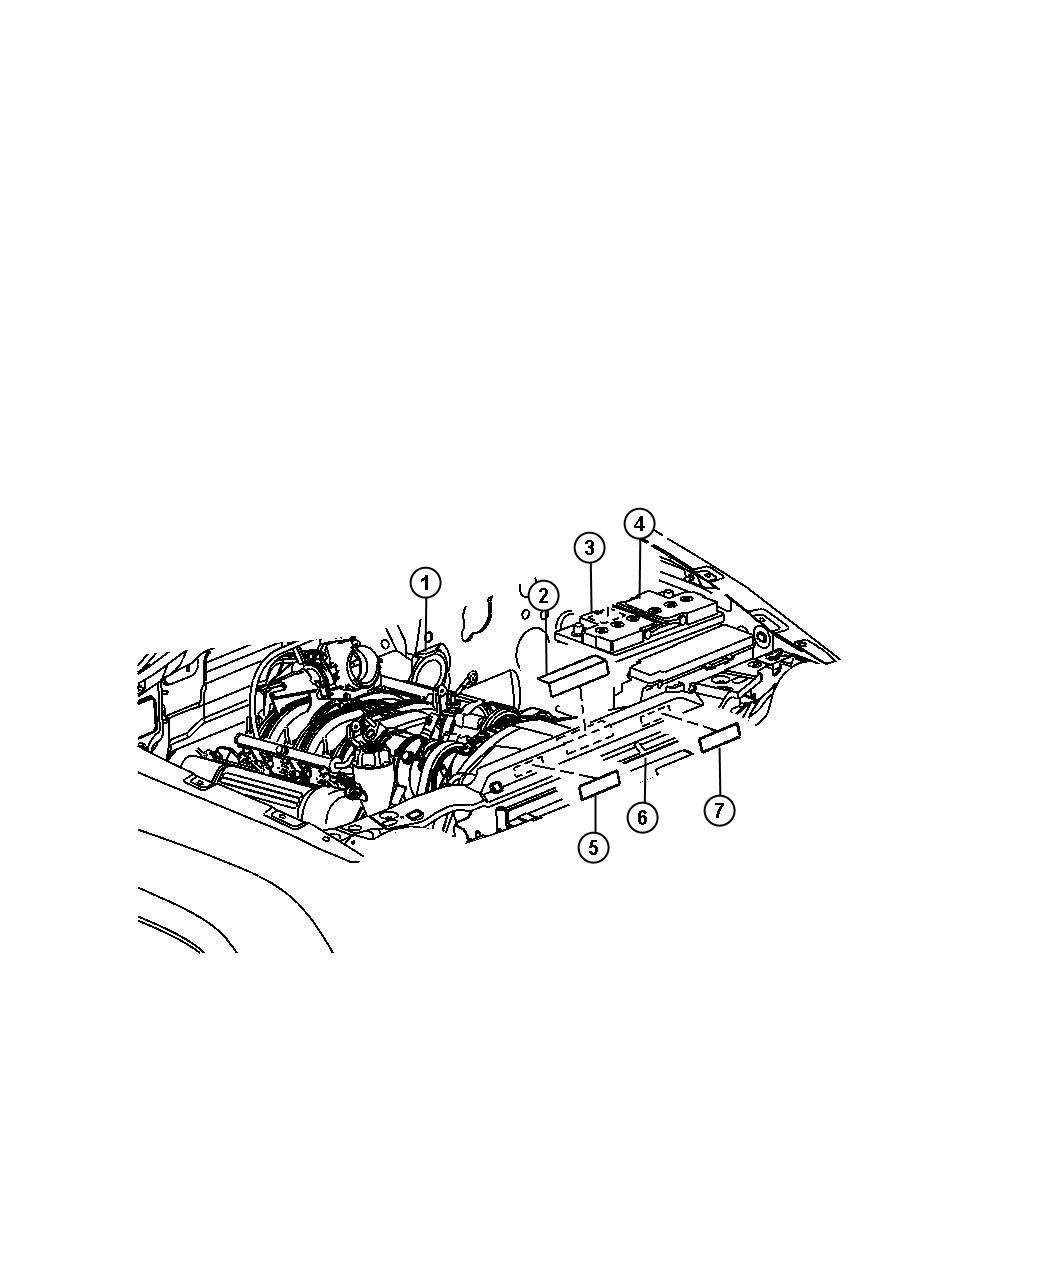 04809615aa mopar label fan caution symbol fascials. Black Bedroom Furniture Sets. Home Design Ideas